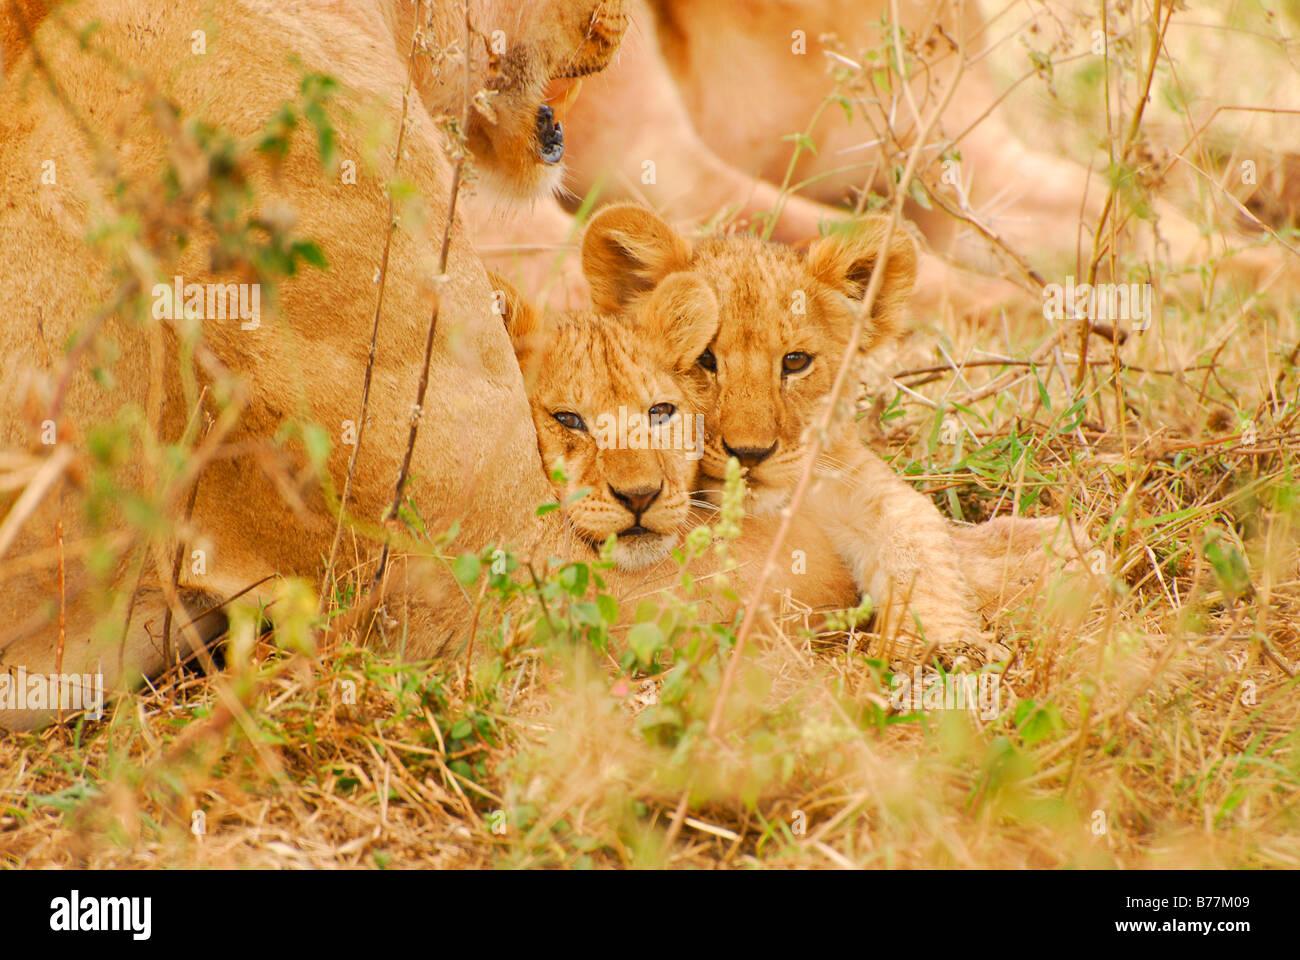 Lion Cubs (Panthera leo), Serengeti National Park, Tansania, Africa - Stock Image